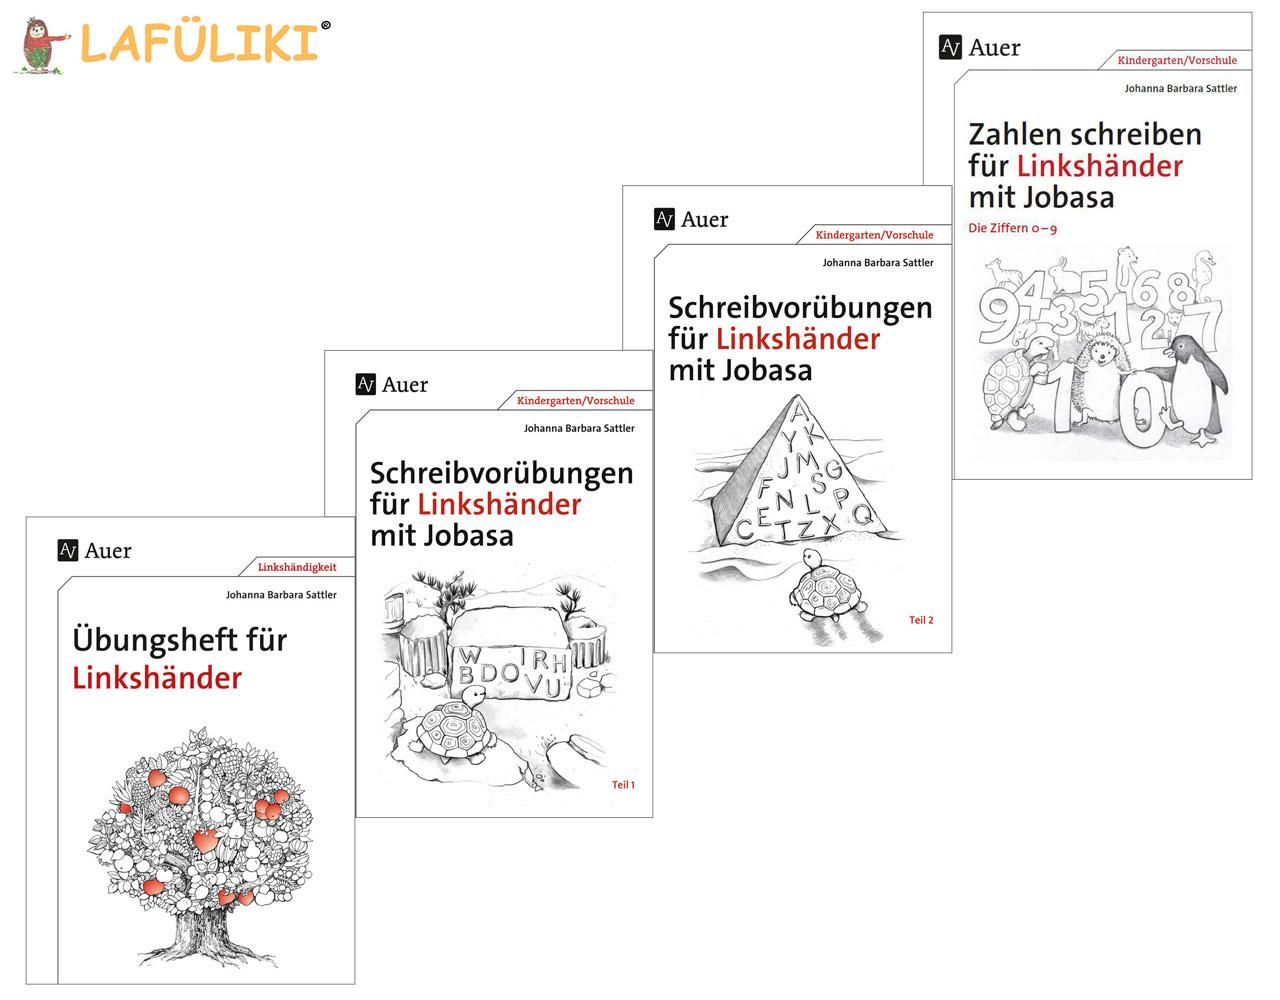 Sattler-uebungshefte-fuer-linkshaender-uebersicht-lafueliki